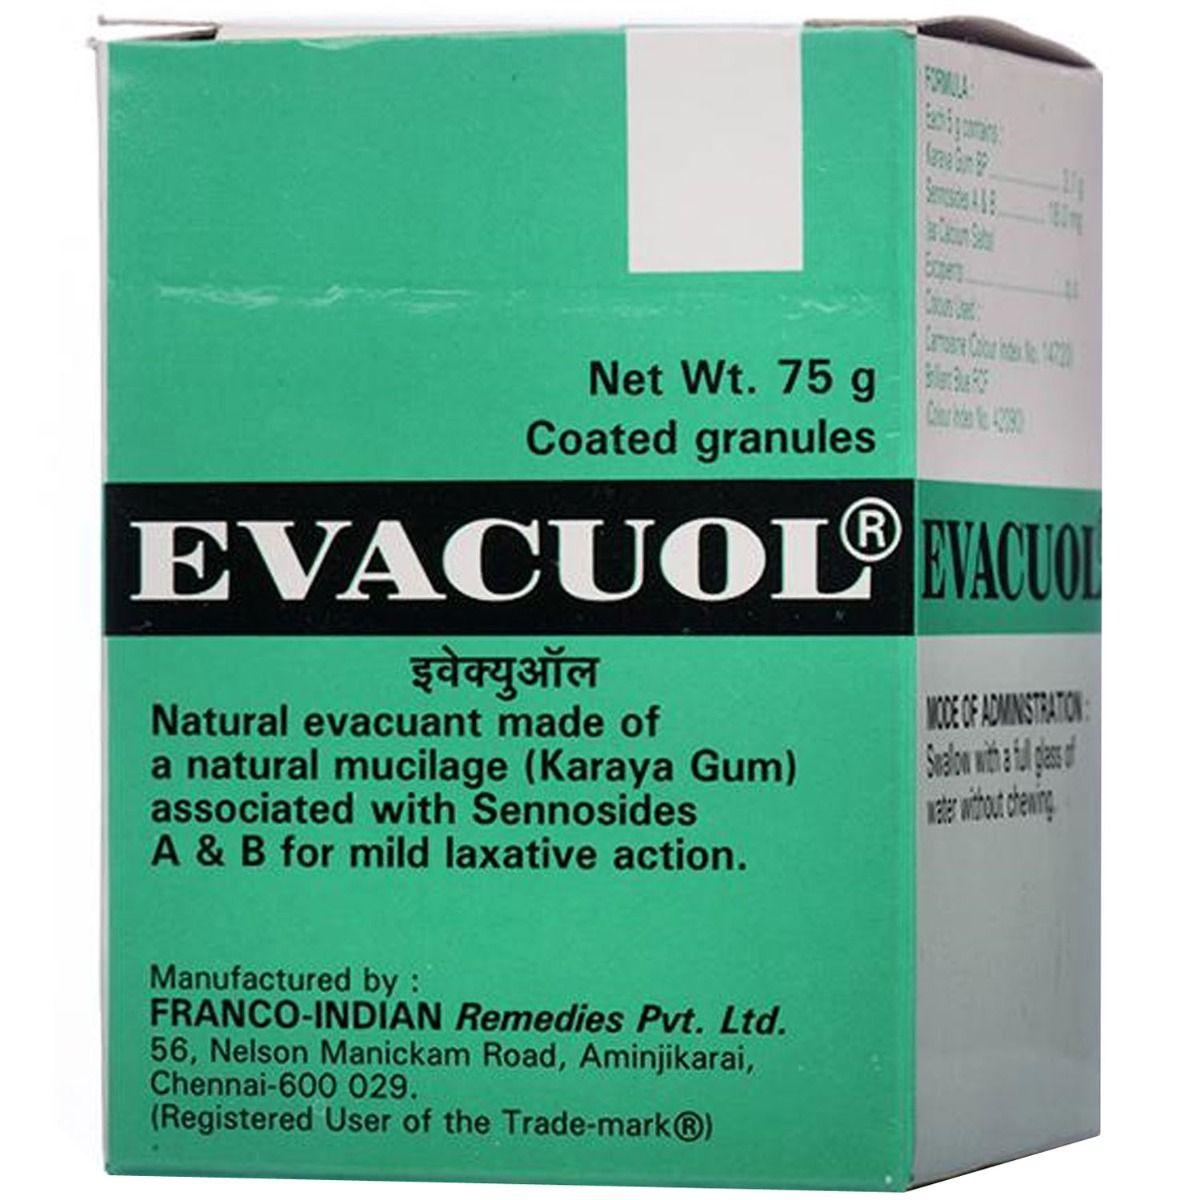 Evacuol Granules, 75 gm, Pack of 1